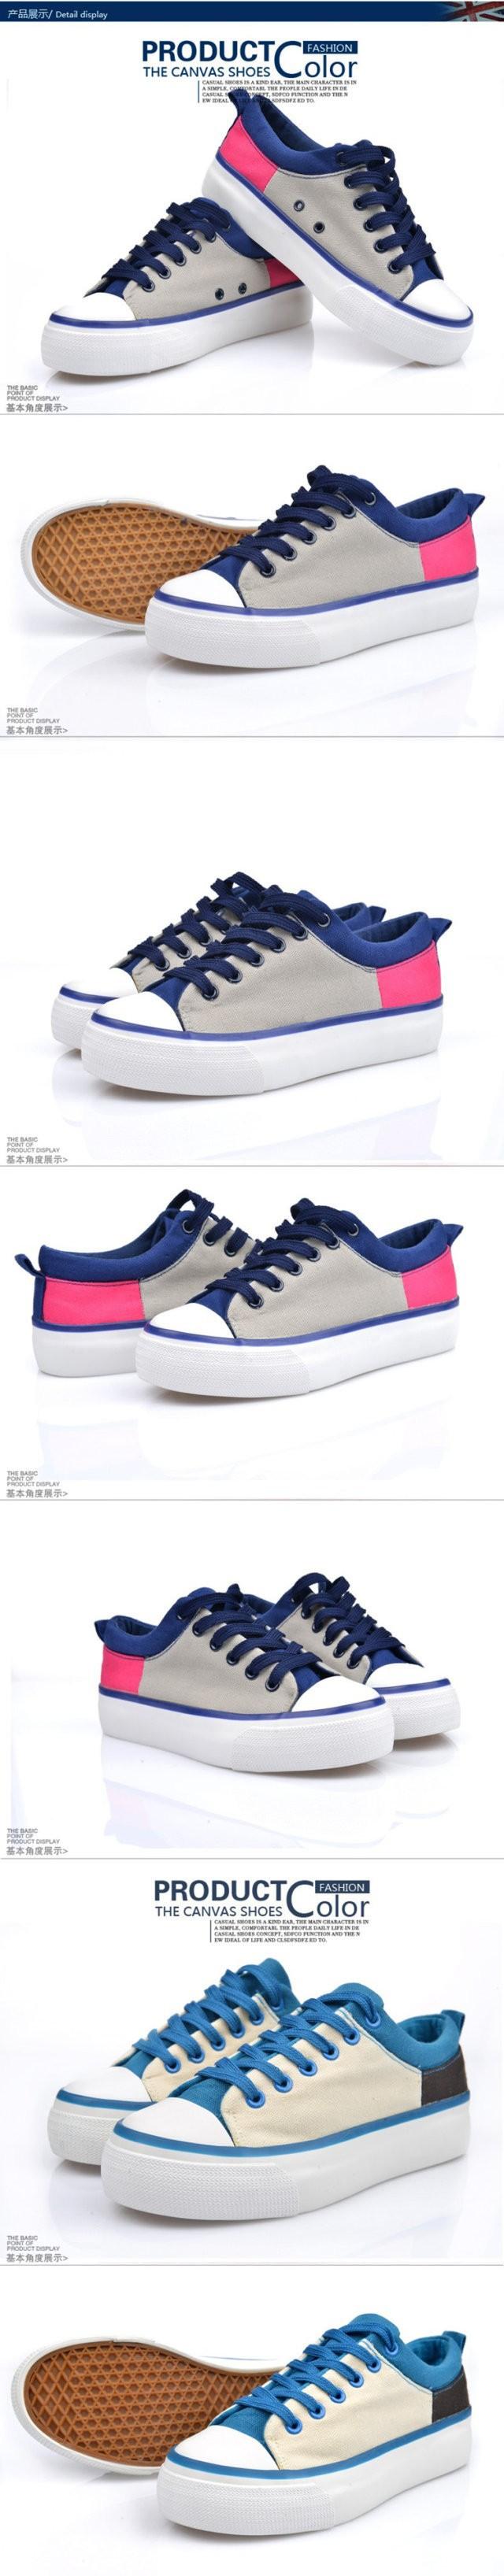 весна женщин холст туфли кроссовки квартиры кроссовки для женщин бренд дышащий резиновая бесплатная доставка